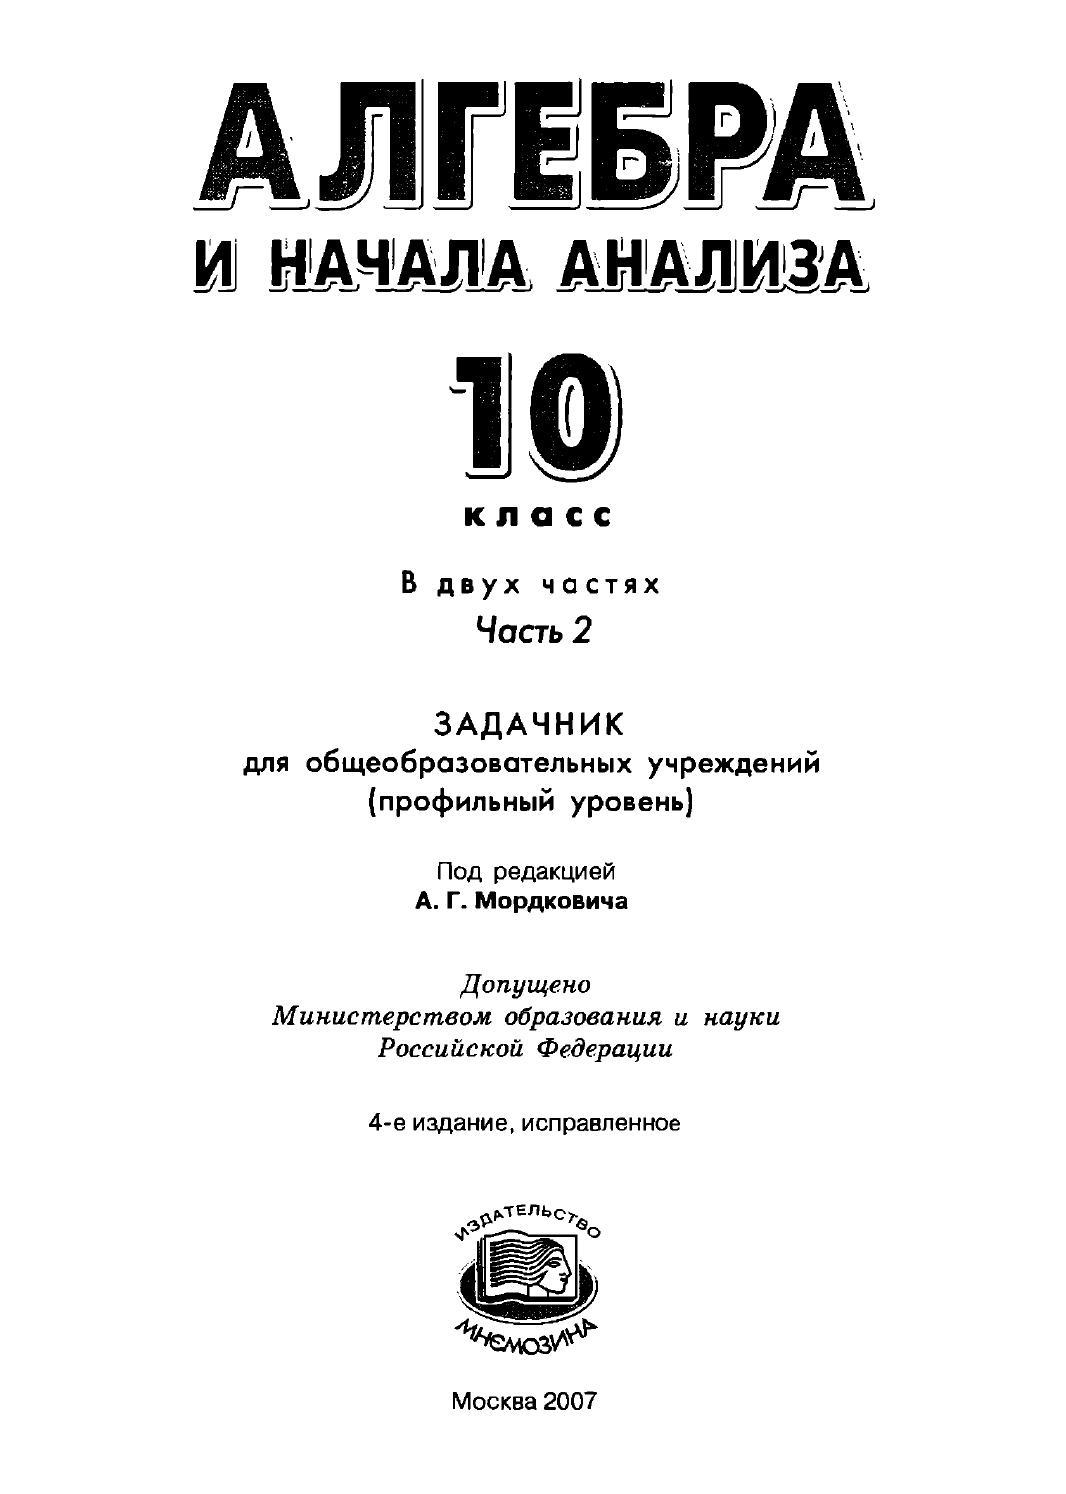 Алгебра и начала анализа мордкович 10 класс задачник pdf